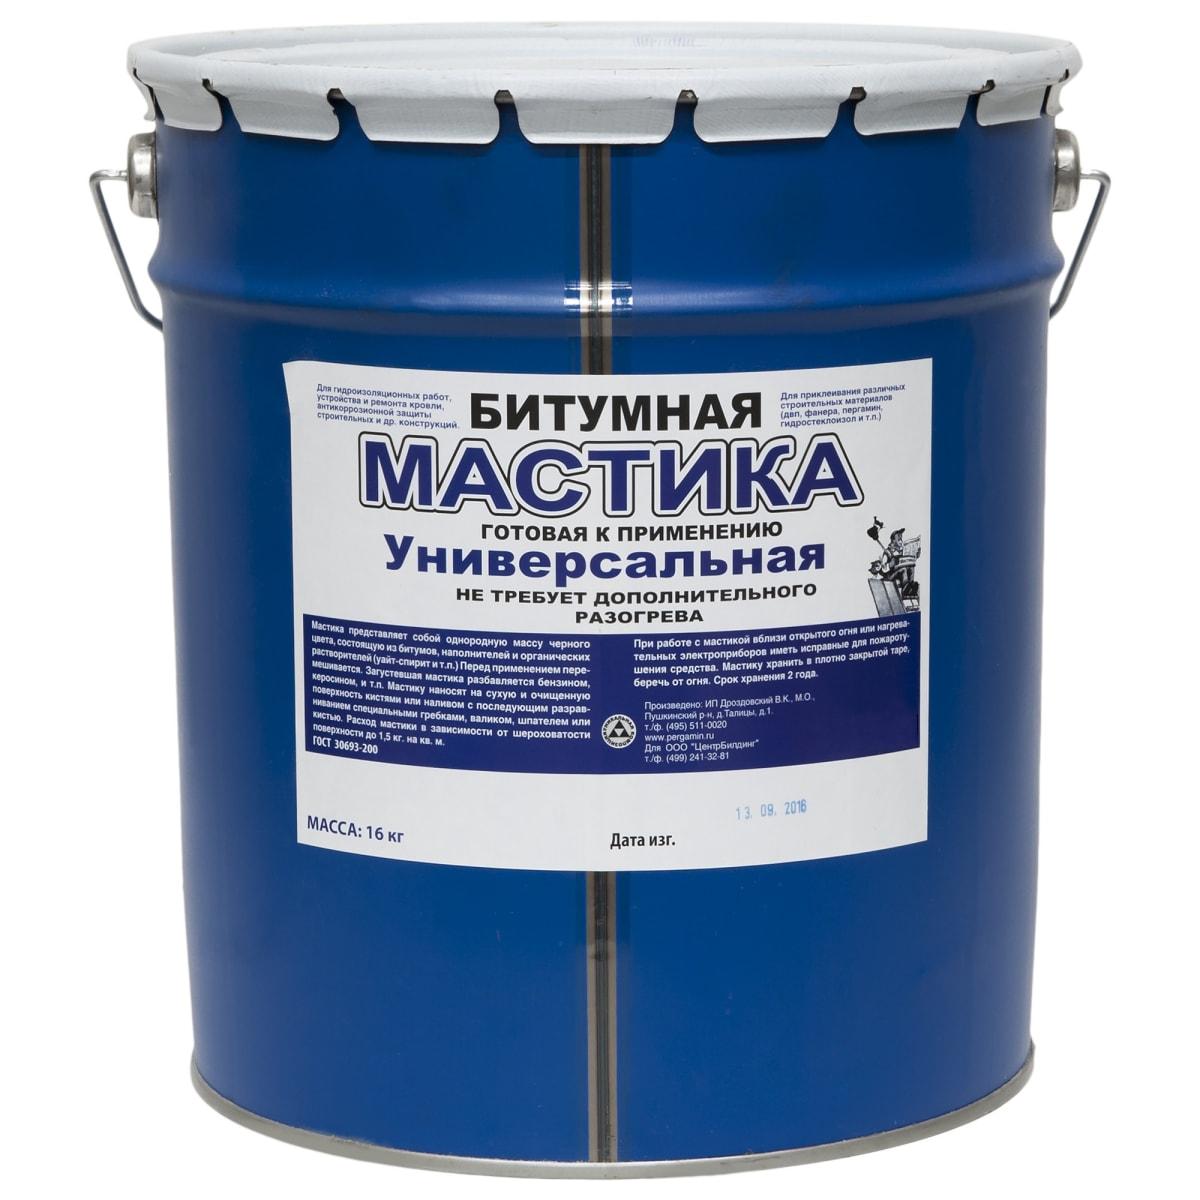 Купить мастика для бетона купить бетон в орехово зуеве цены